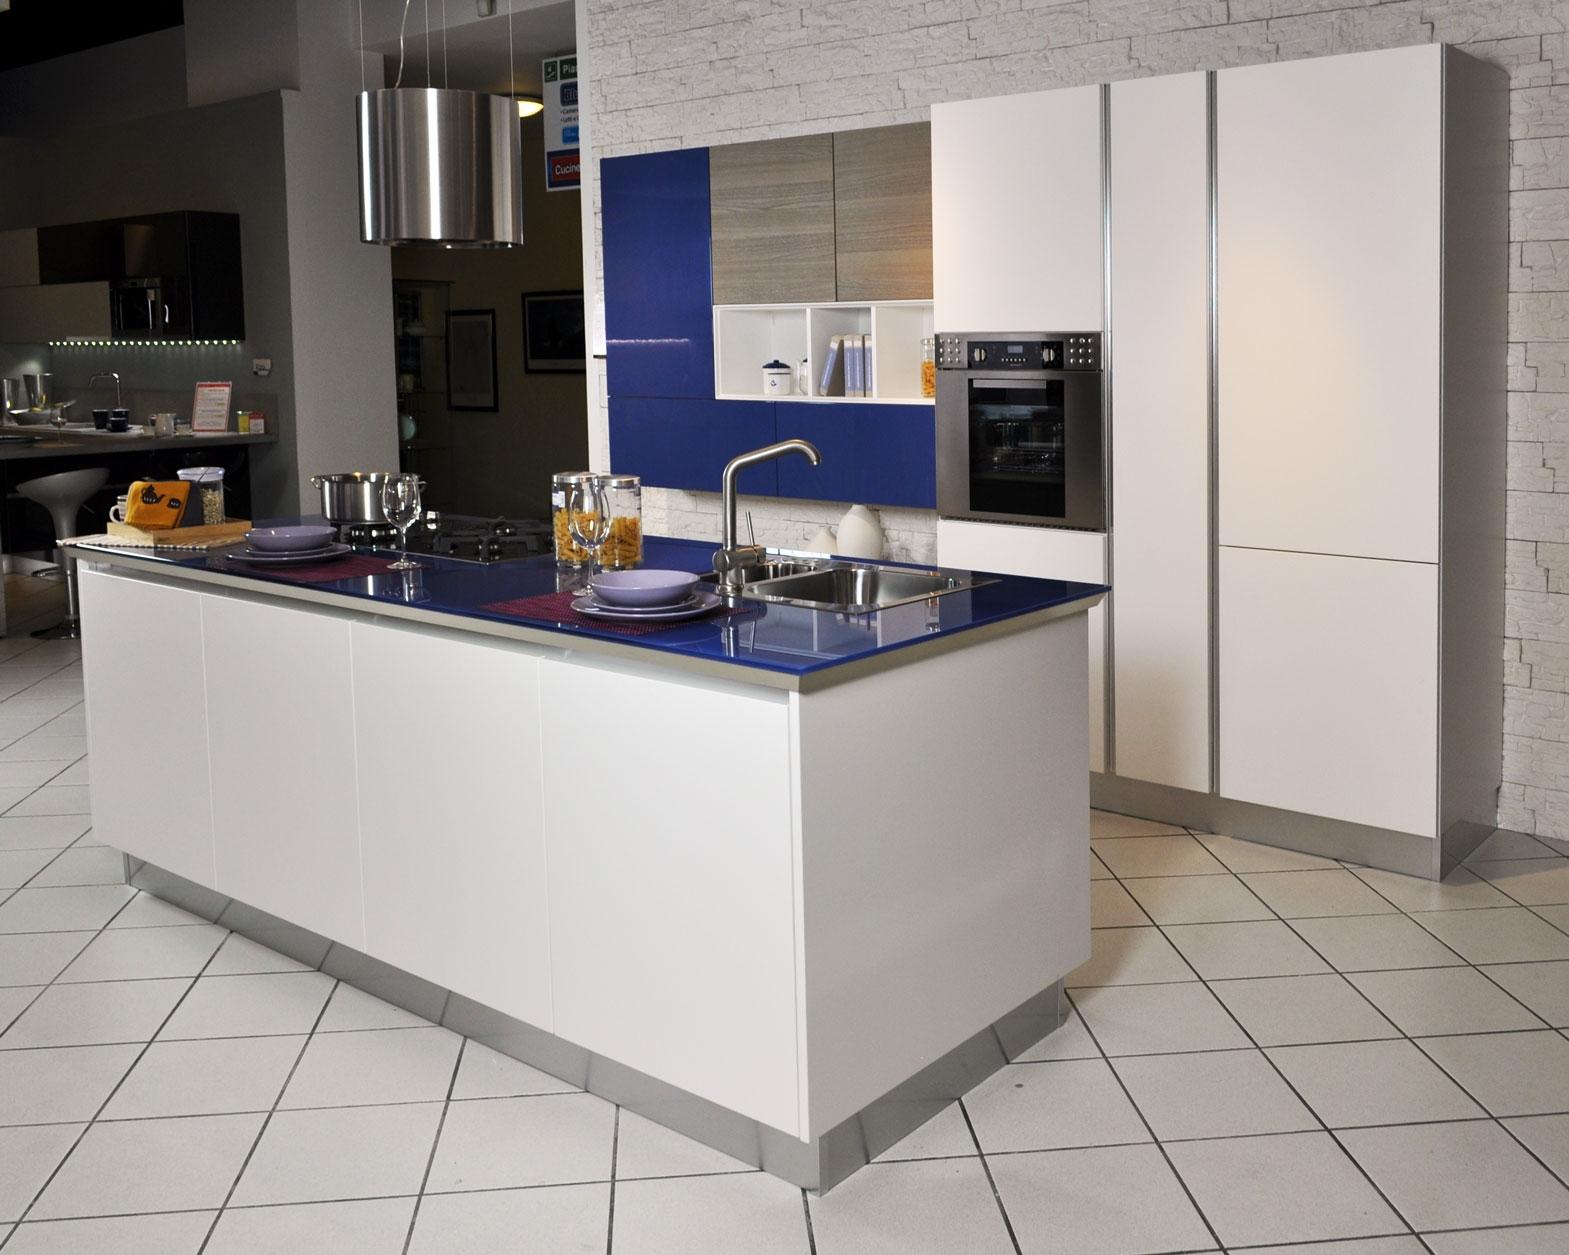 Cucina lube brava ad isola completa di elettrodomestici in - Elettrodomestici cucina ...